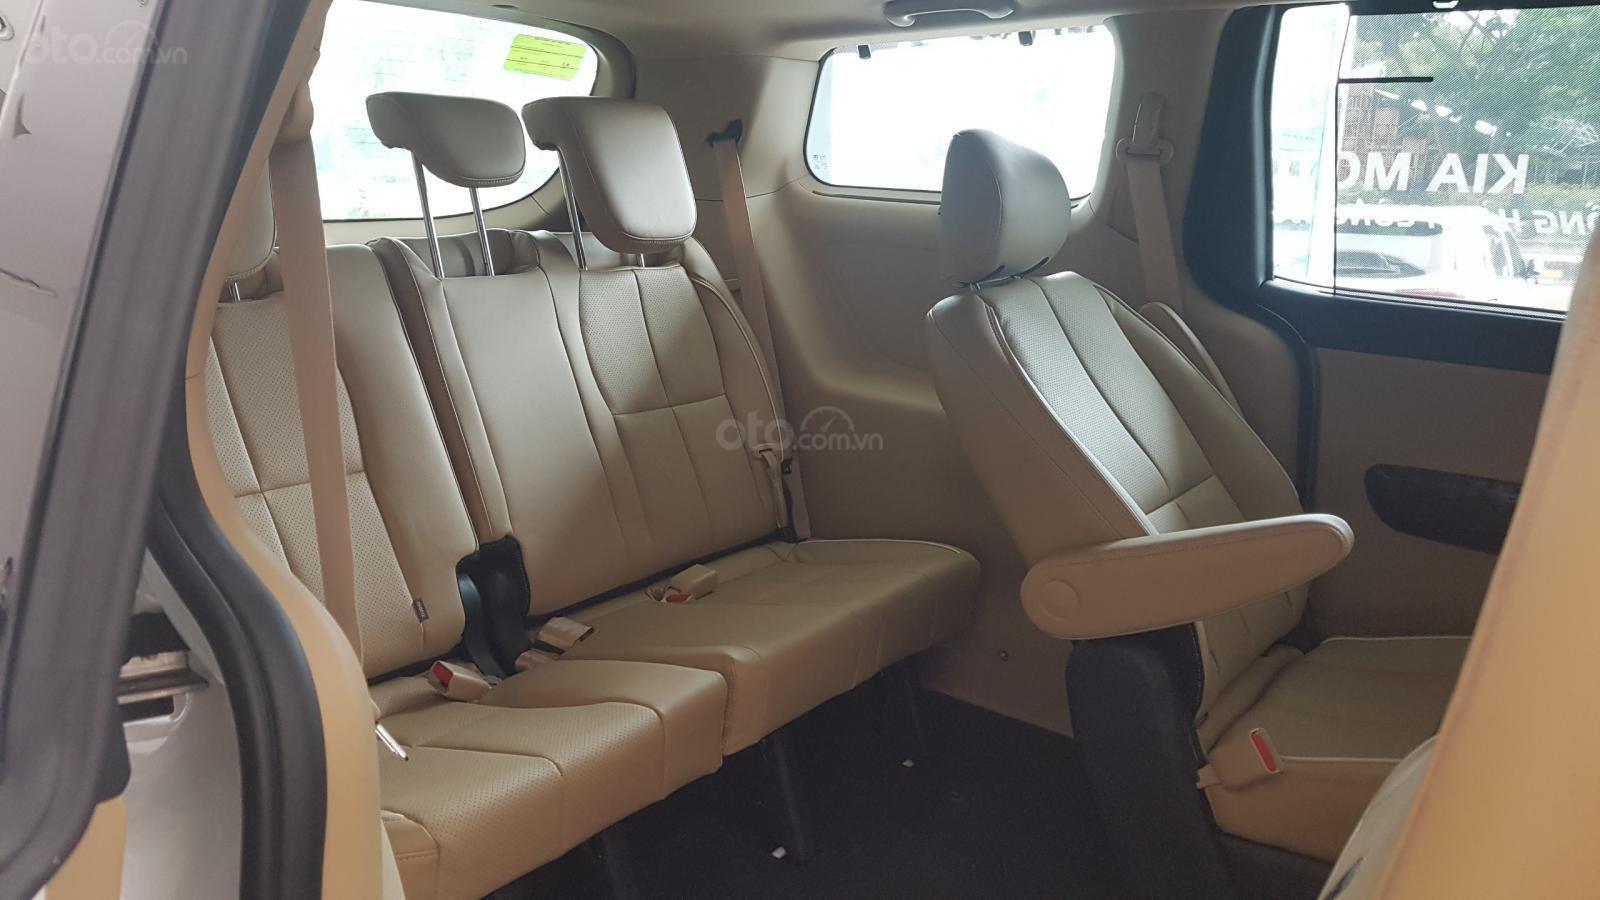 Kia Sedona 2019 mới 100%, tặng 1 năm bảo hiểm vật chất, có xe giao ngay - LH: 0909198695 (Kia Phú Mỹ Hưng)-8